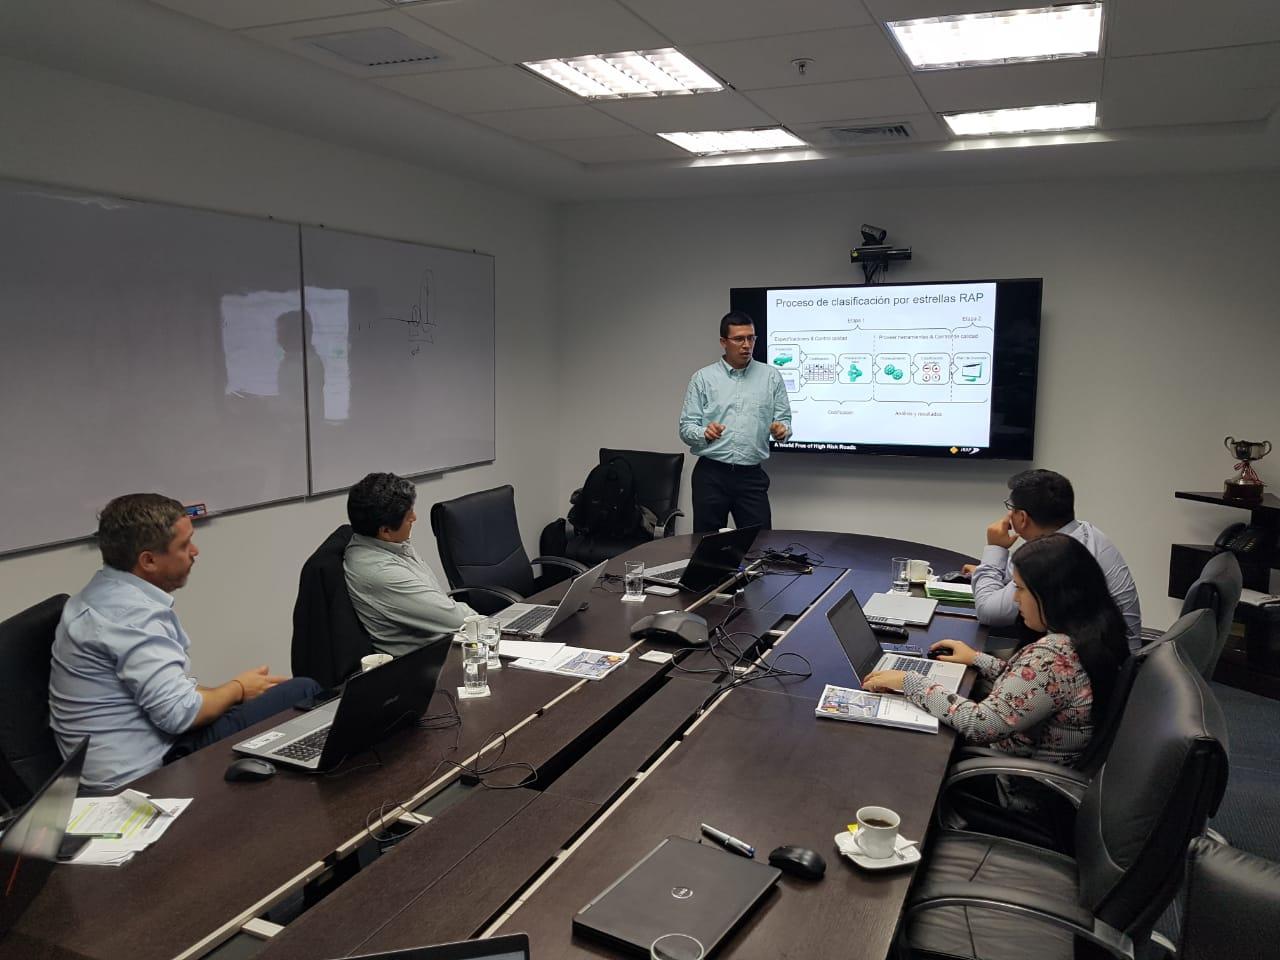 iRAP ayudará a evaluar y mejorar la seguridad vial en Perú